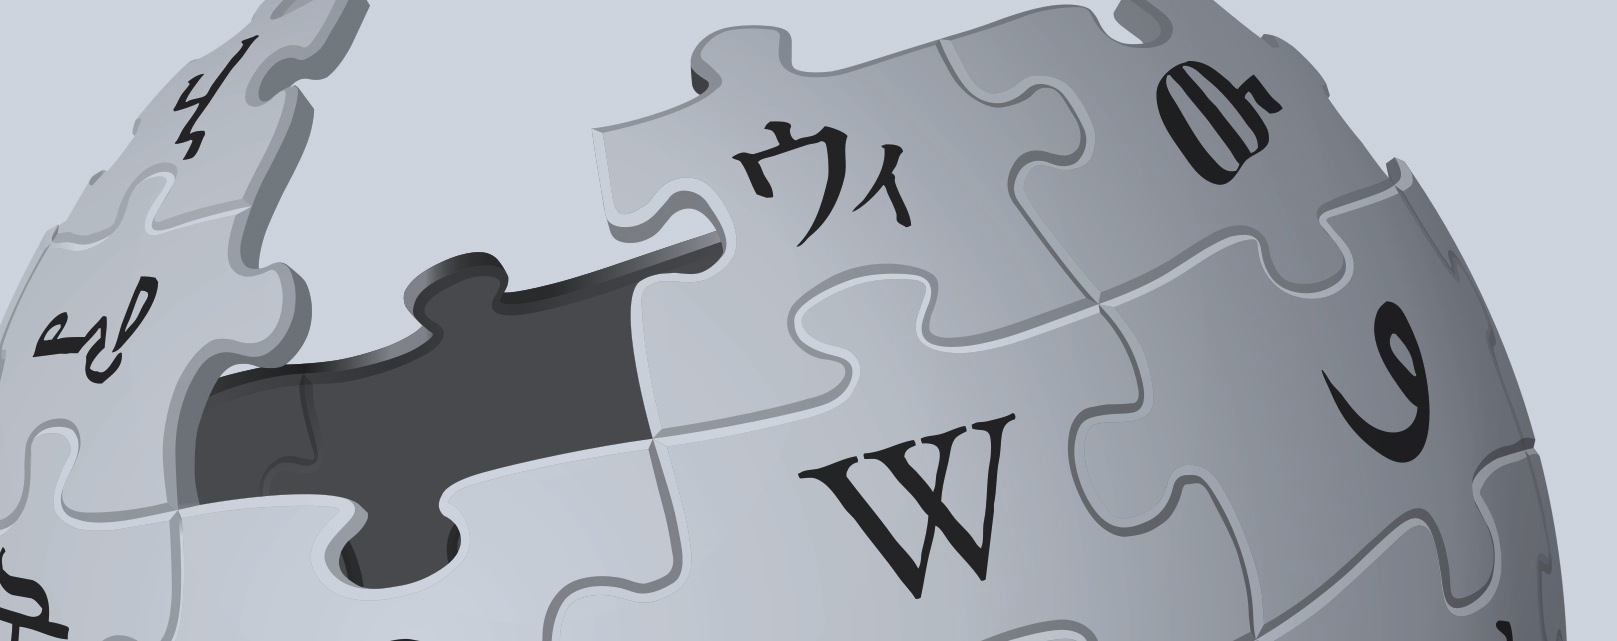 Teraz nawet Wikipedia chce polecać artykuły. Sprawdzamy nową wersję aplikacji na iOS